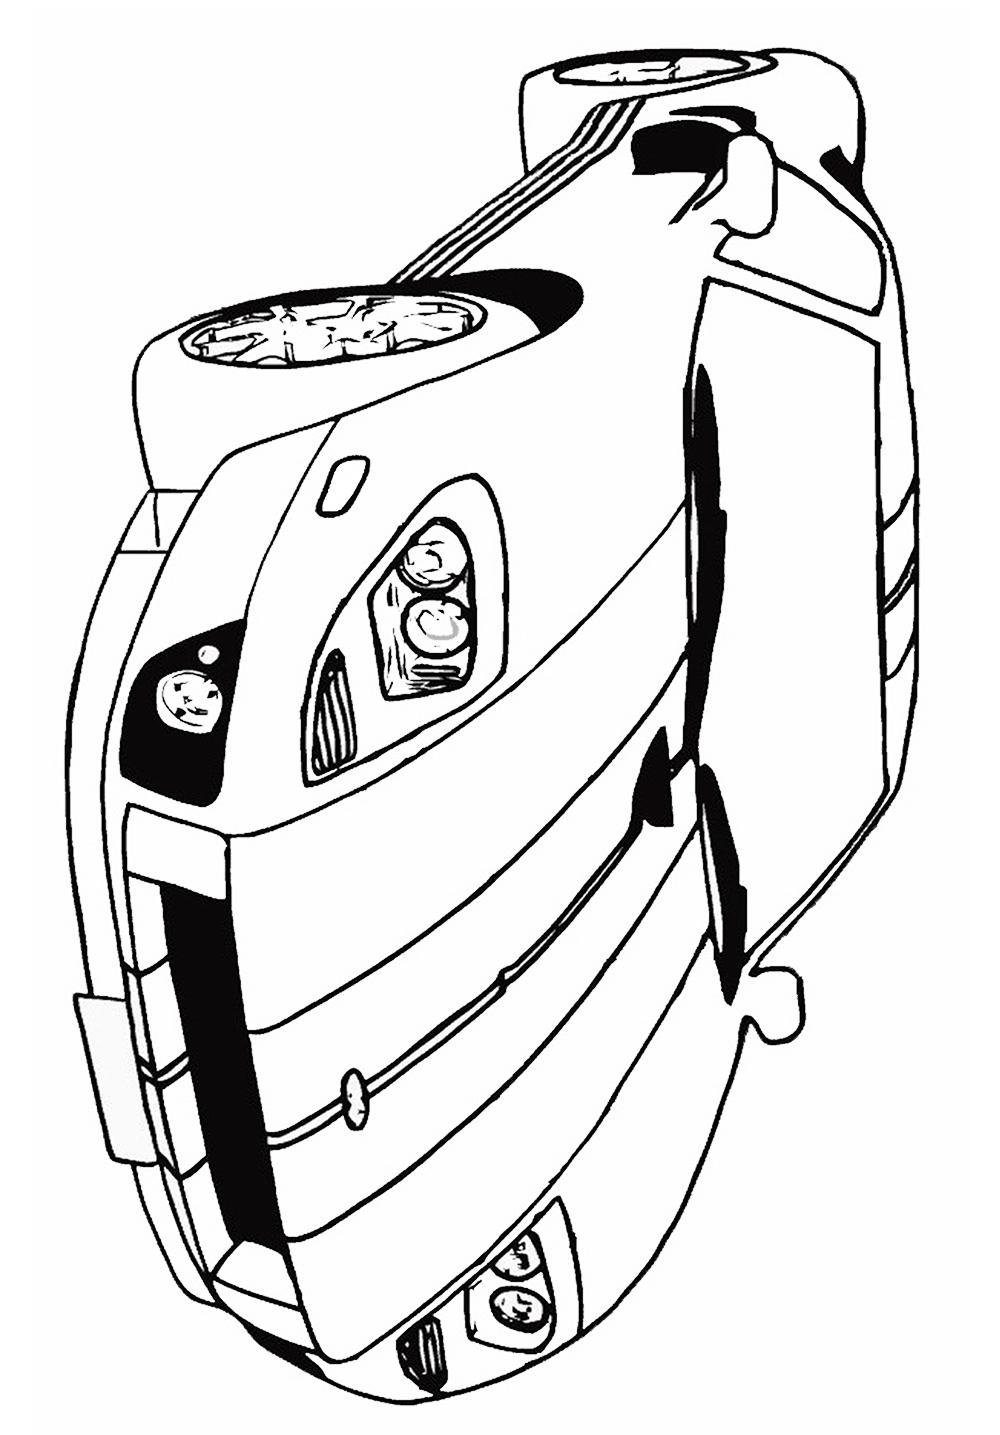 b0225b0a0ca desenhos-de-carros-para-colorir-ferrari - Escola Educação